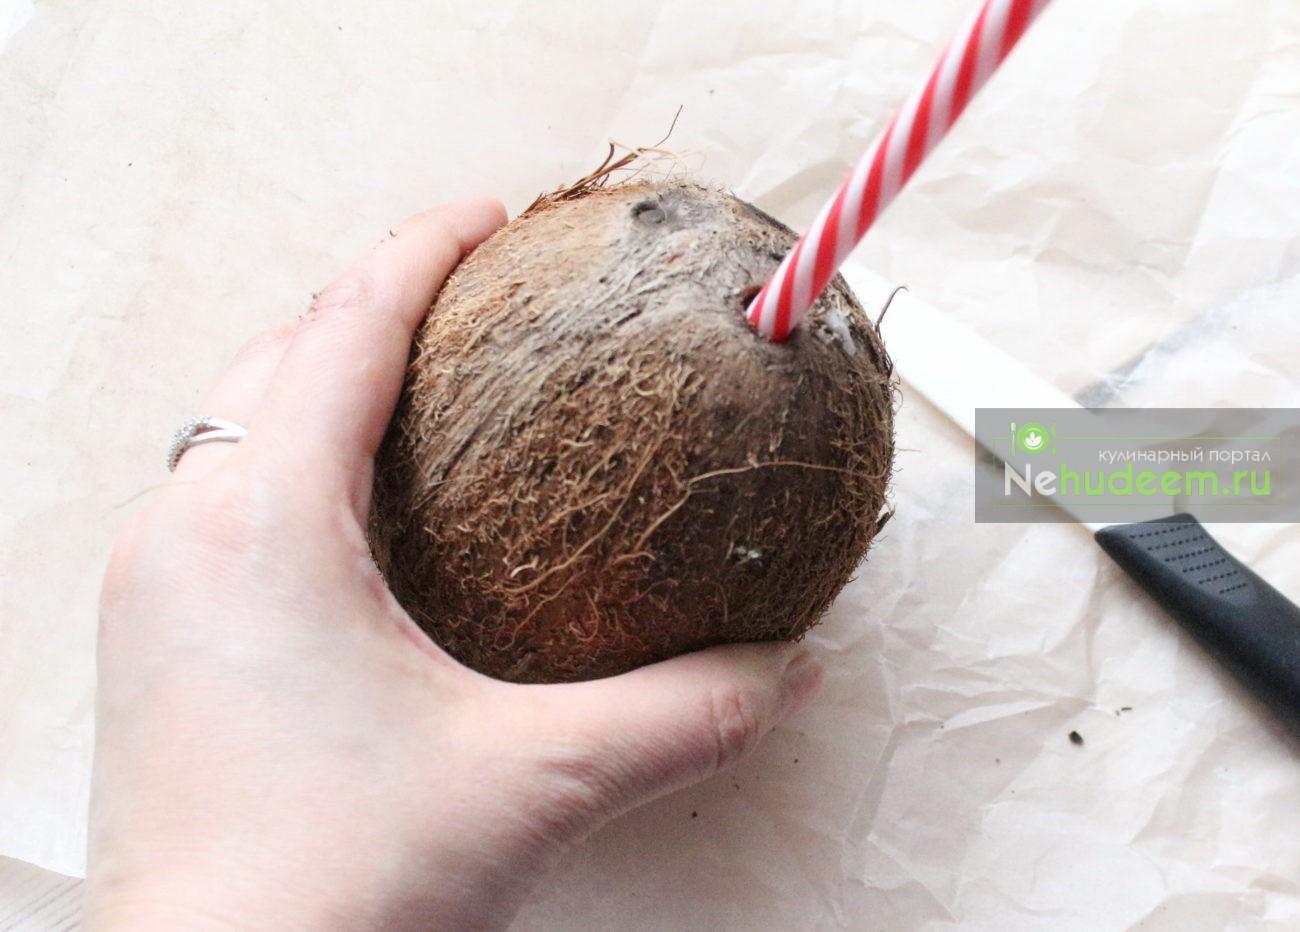 Как расколоть кокос в домашних условиях молотком 648